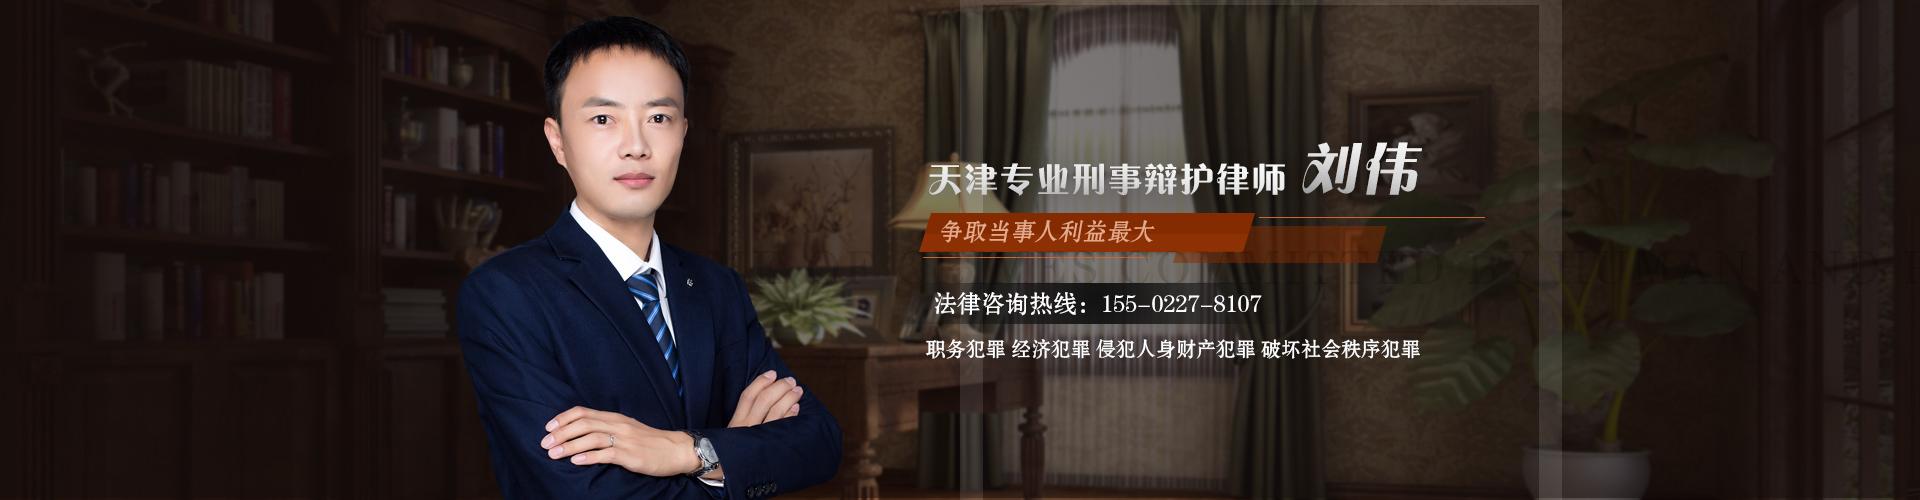 天津刑事辩护律师